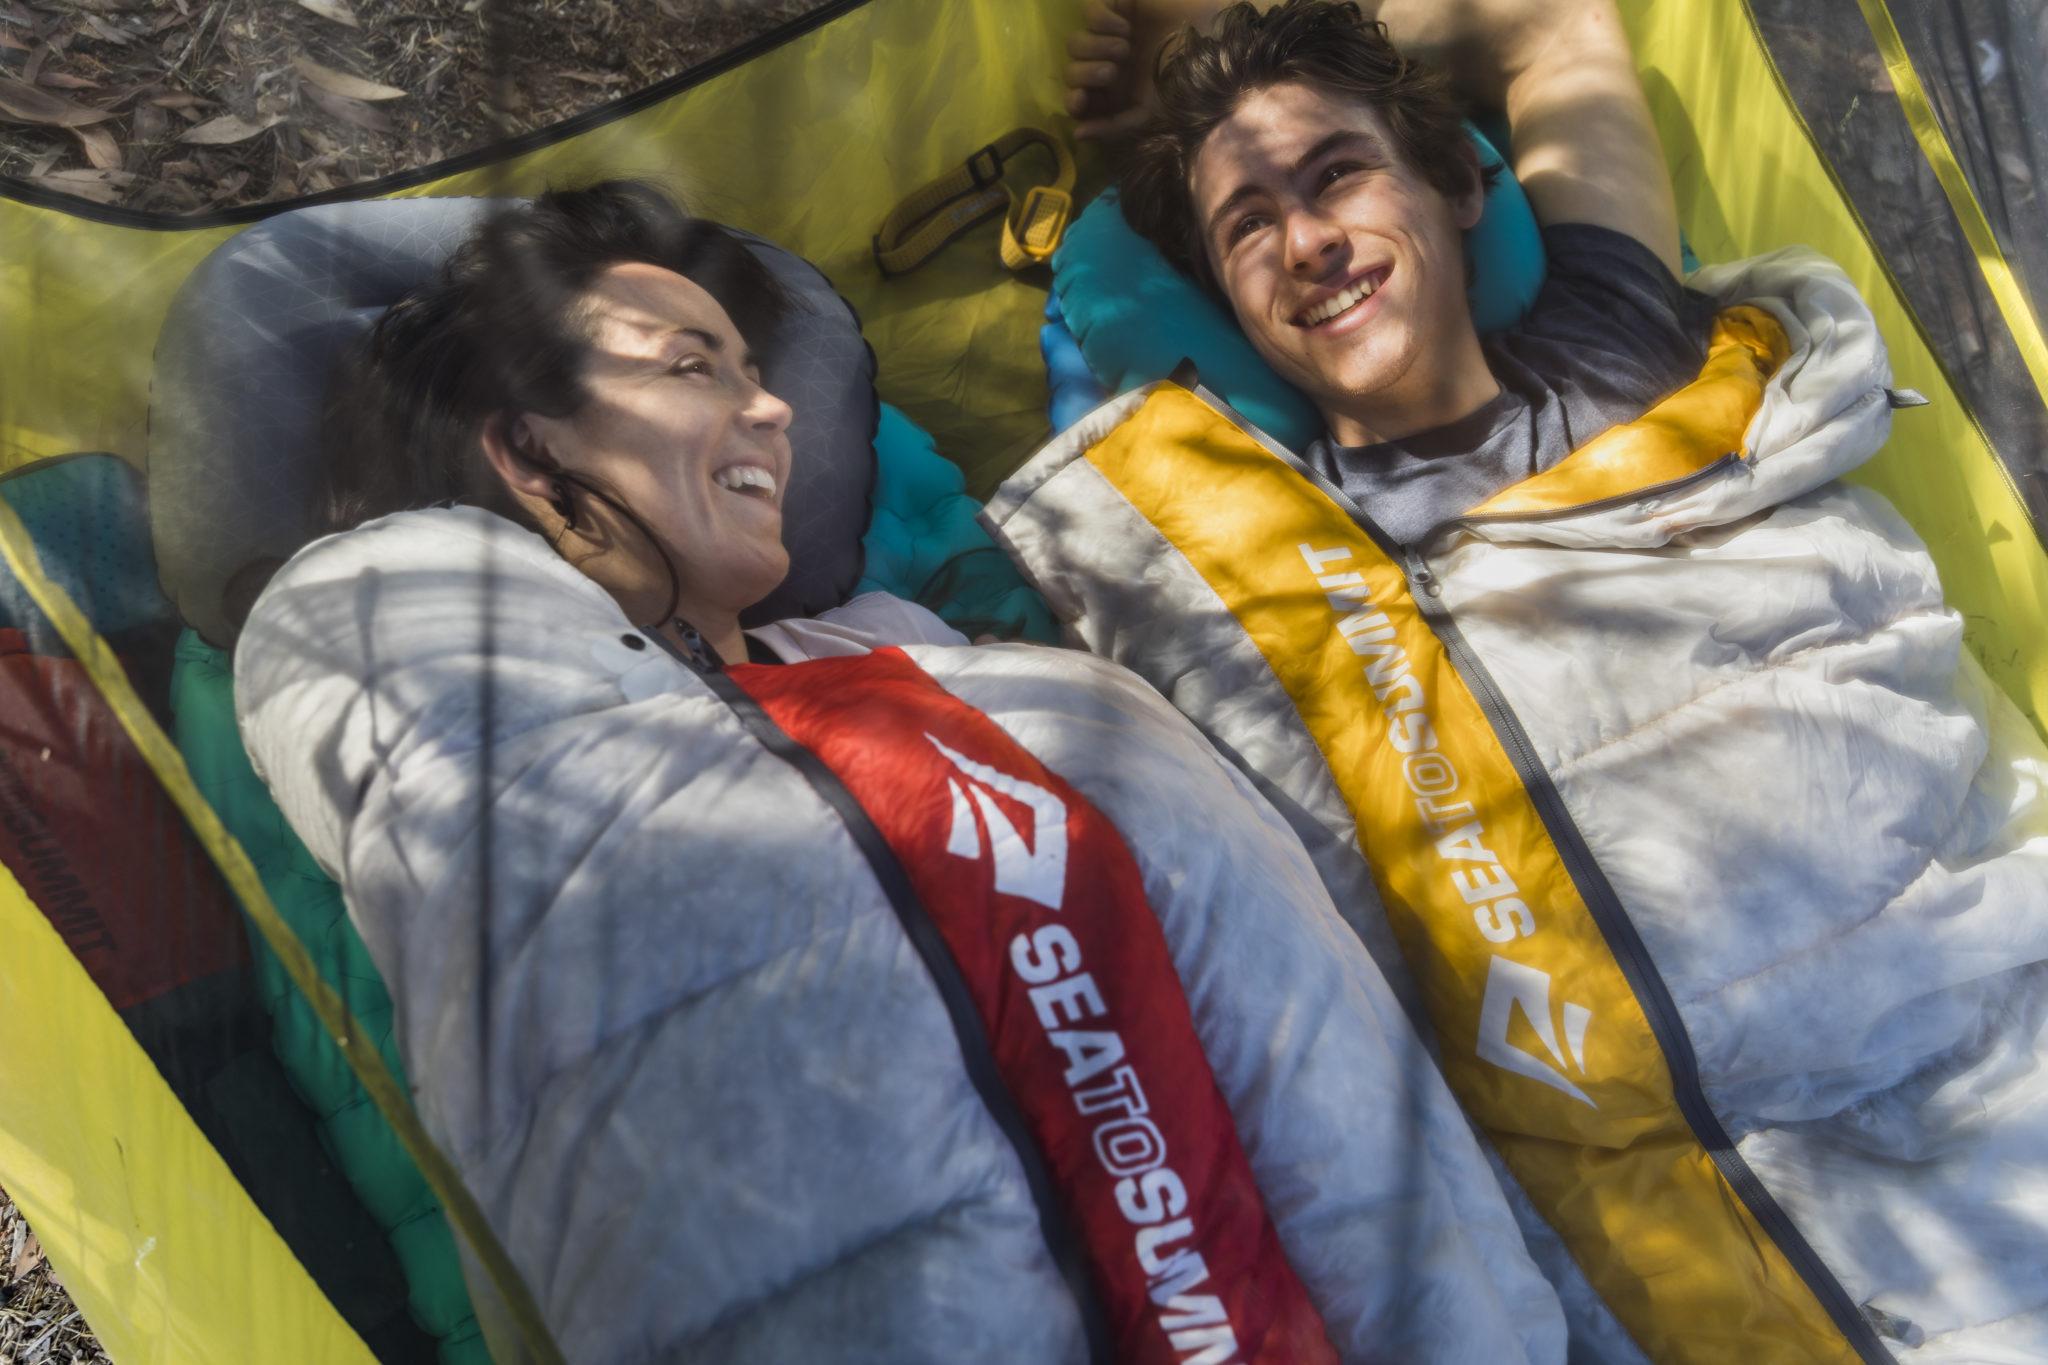 登山睡眠!睡袋該怎麼挑選?